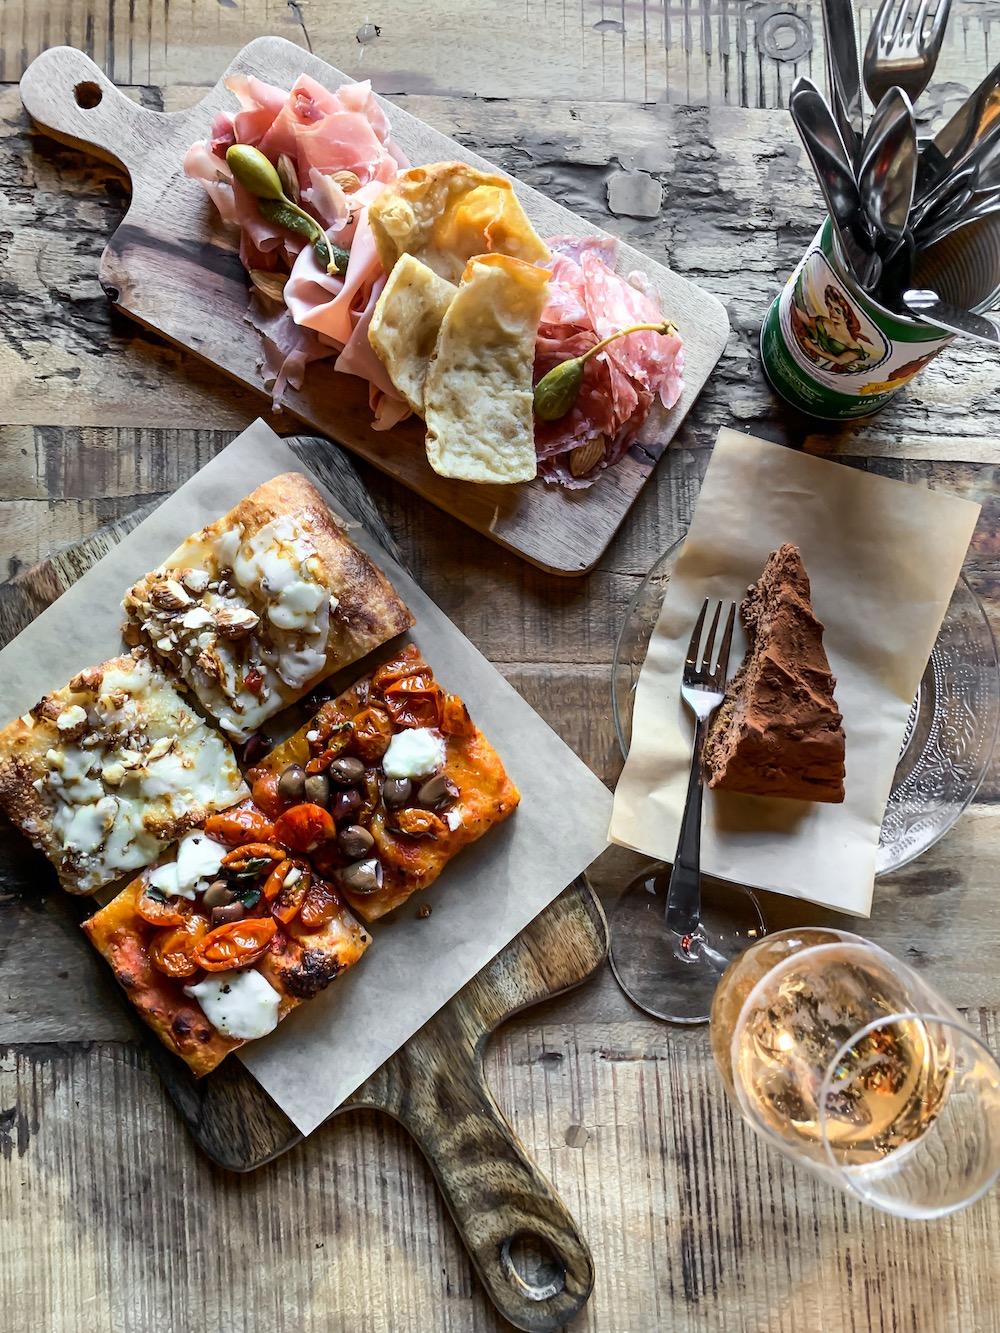 Bij deze hippe Italiaan, midden in het centrum van Den Haag, kun je pizza per slice bestellen. Heel fijn voor mensen die keuzestress hebben.